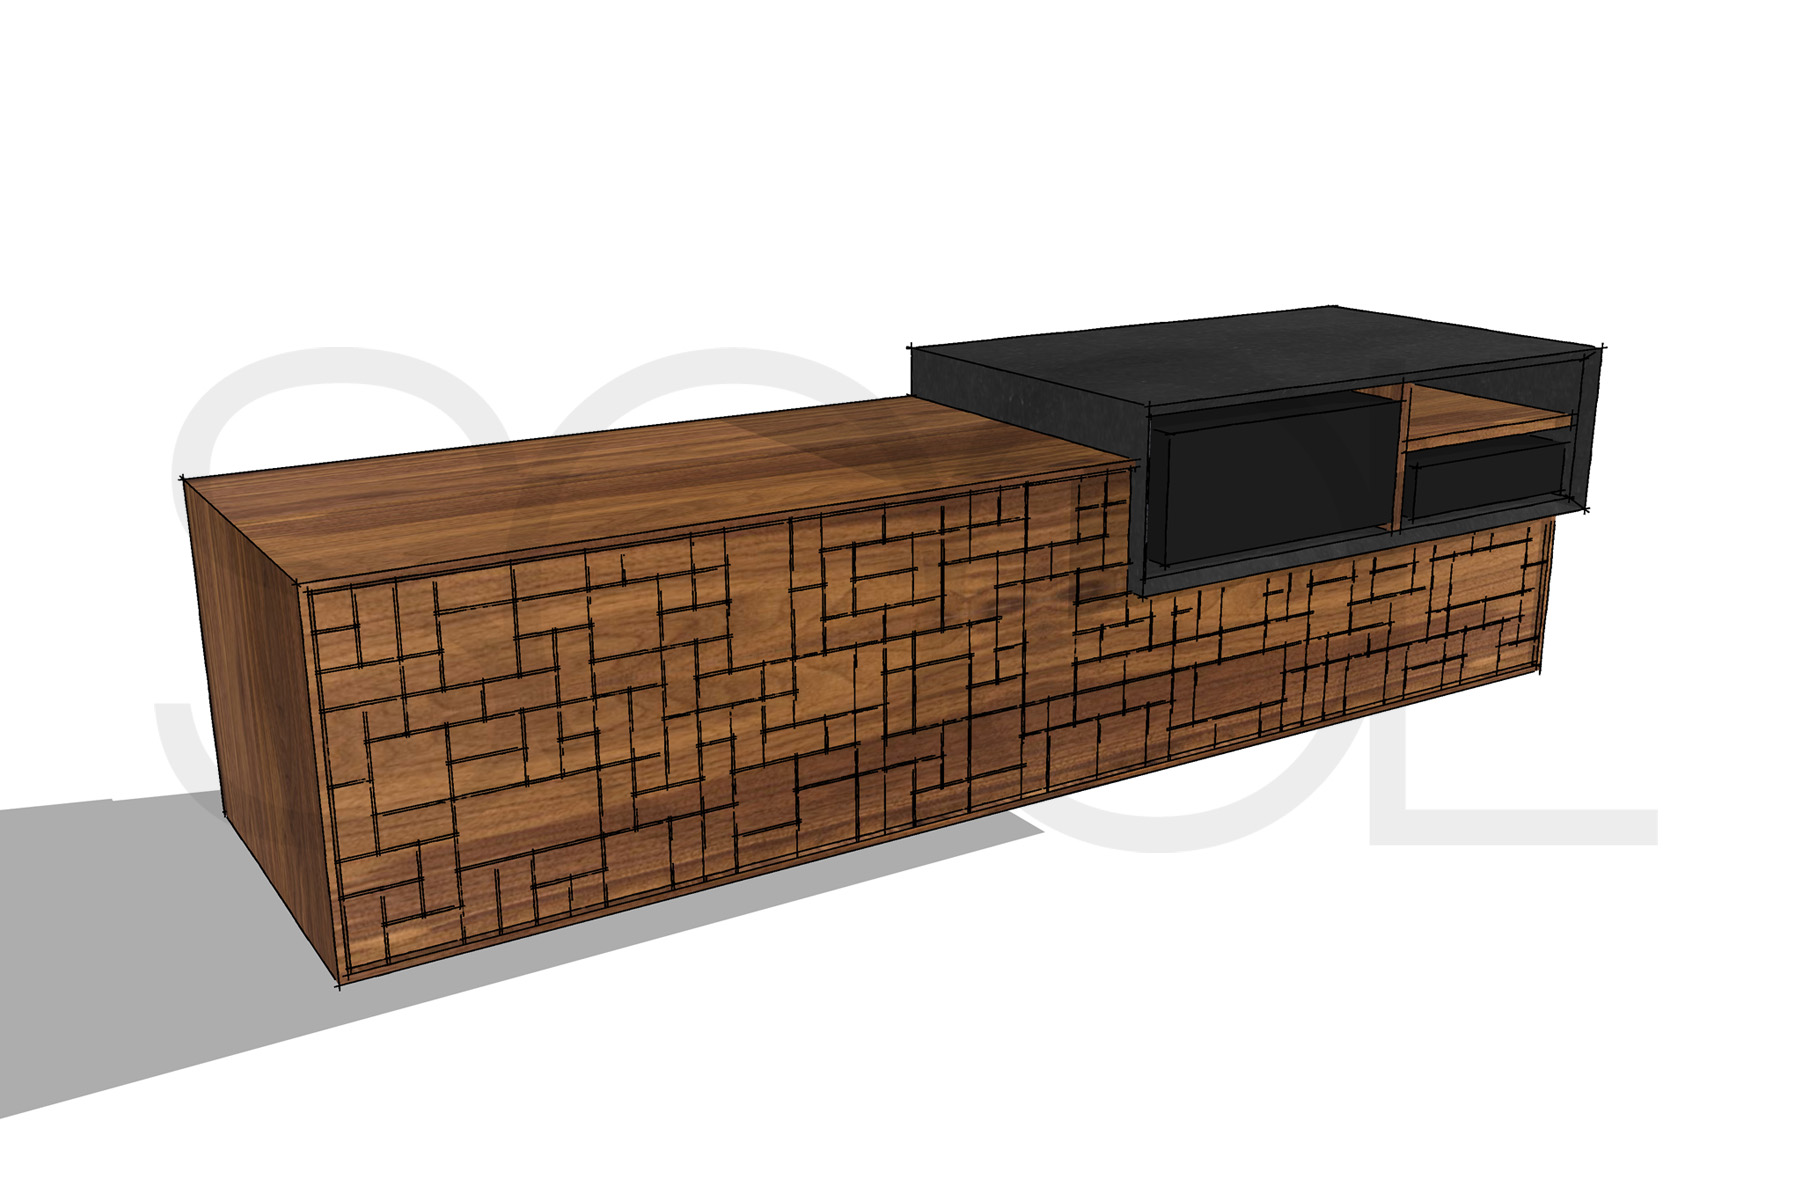 Pxl tv meubel notenhout haren studio sool